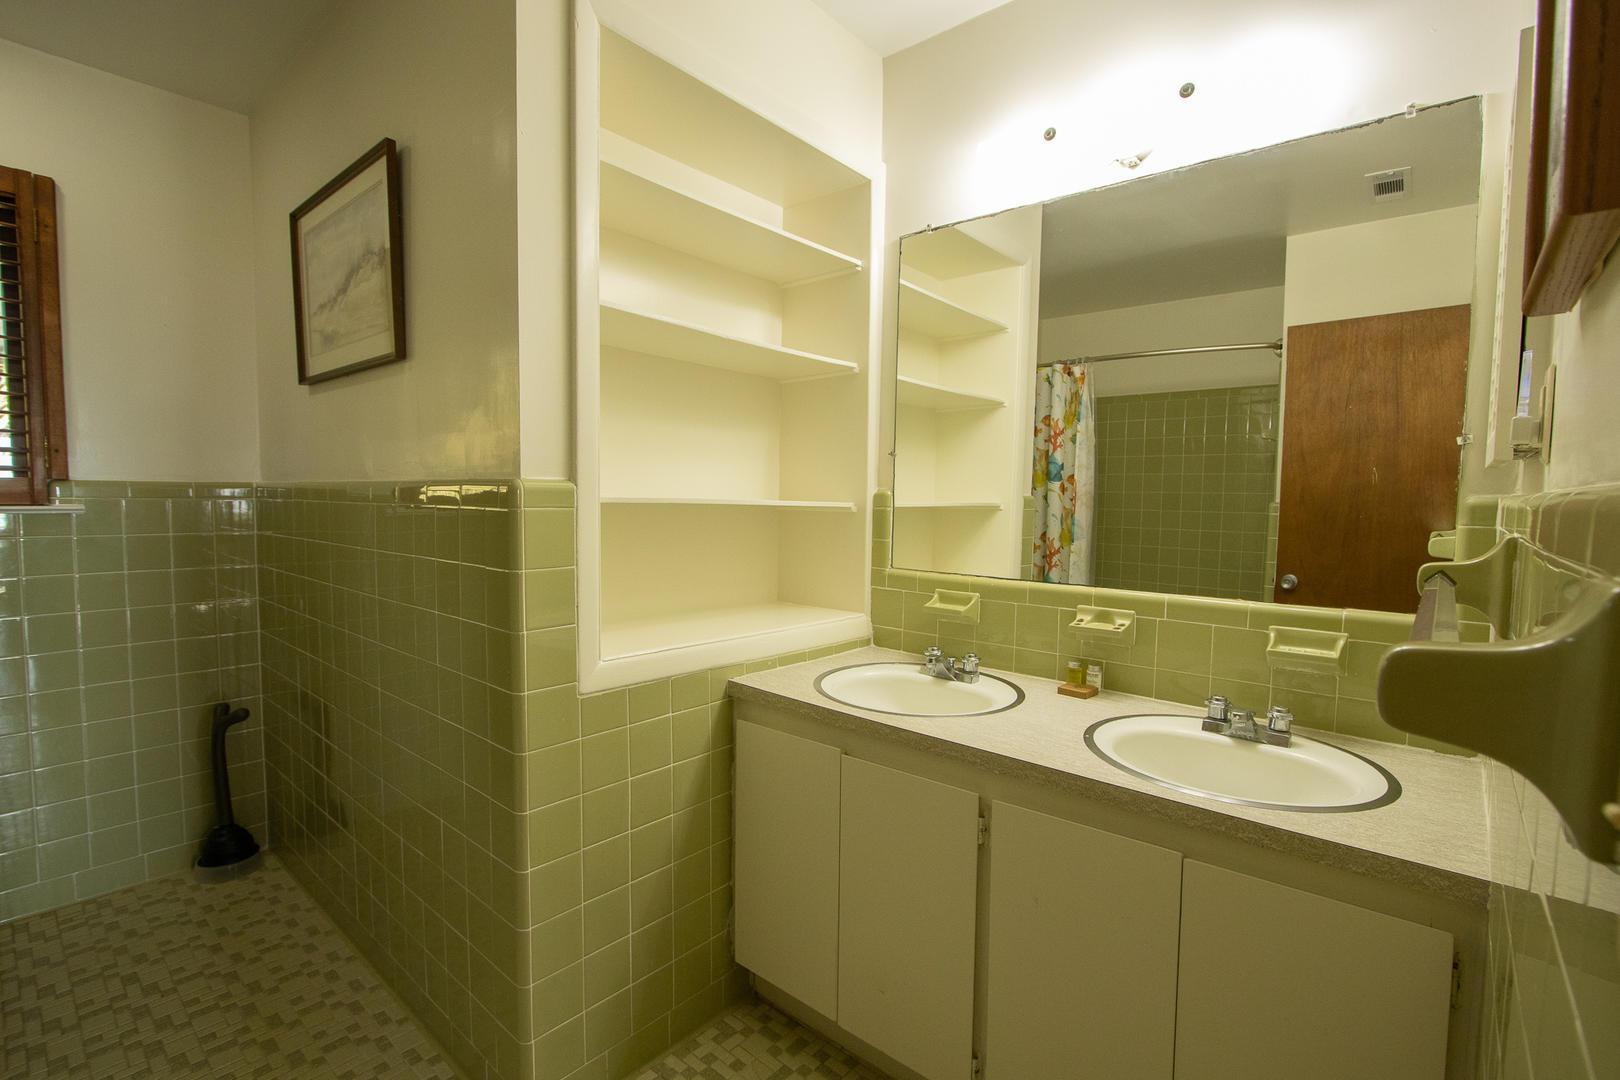 Hallway bathroom near bedrooms 1 and 2